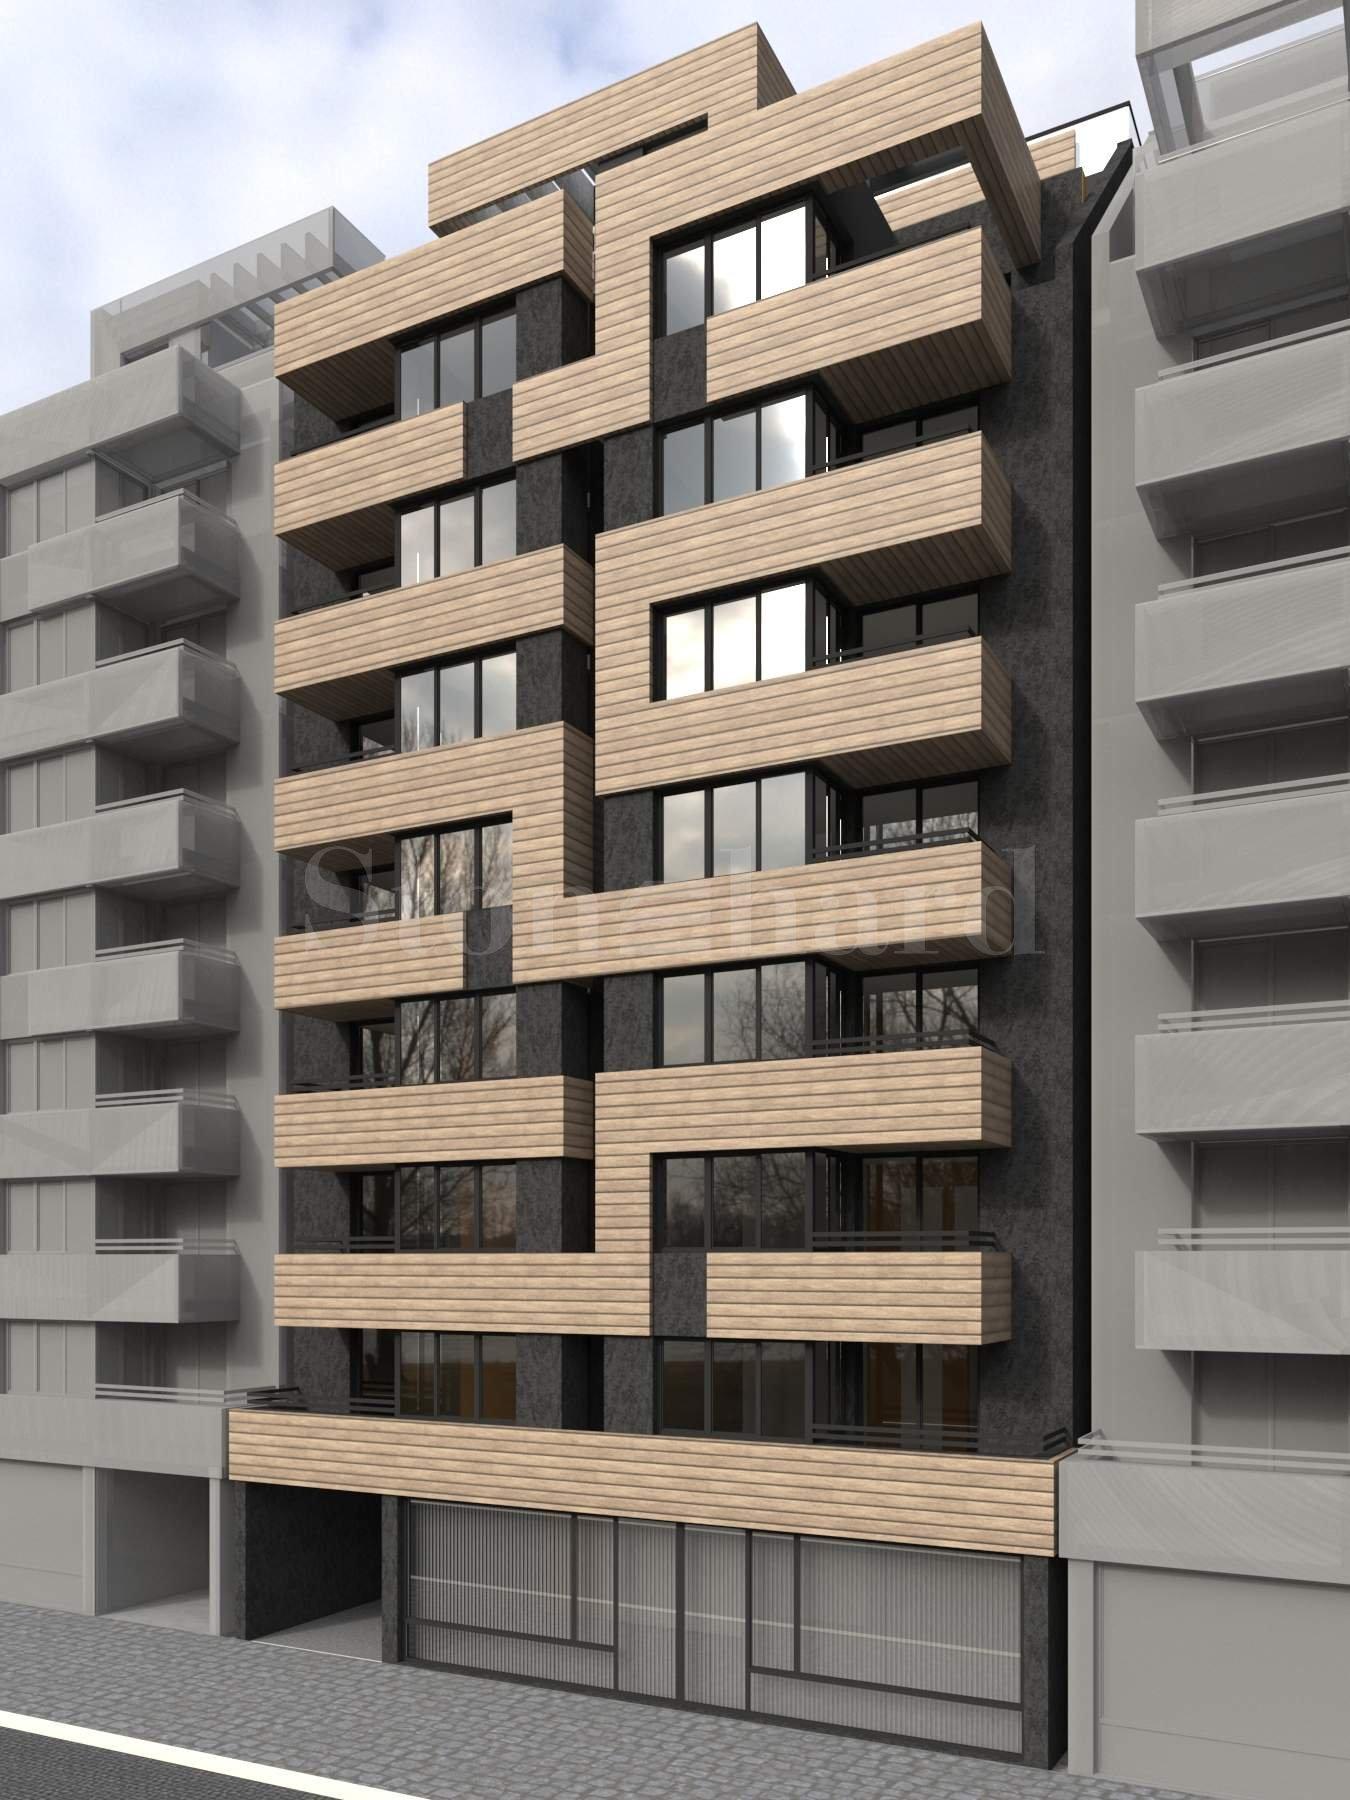 Новострояща се жилищна сграда с централна локация, гр. София1 - Stonehard